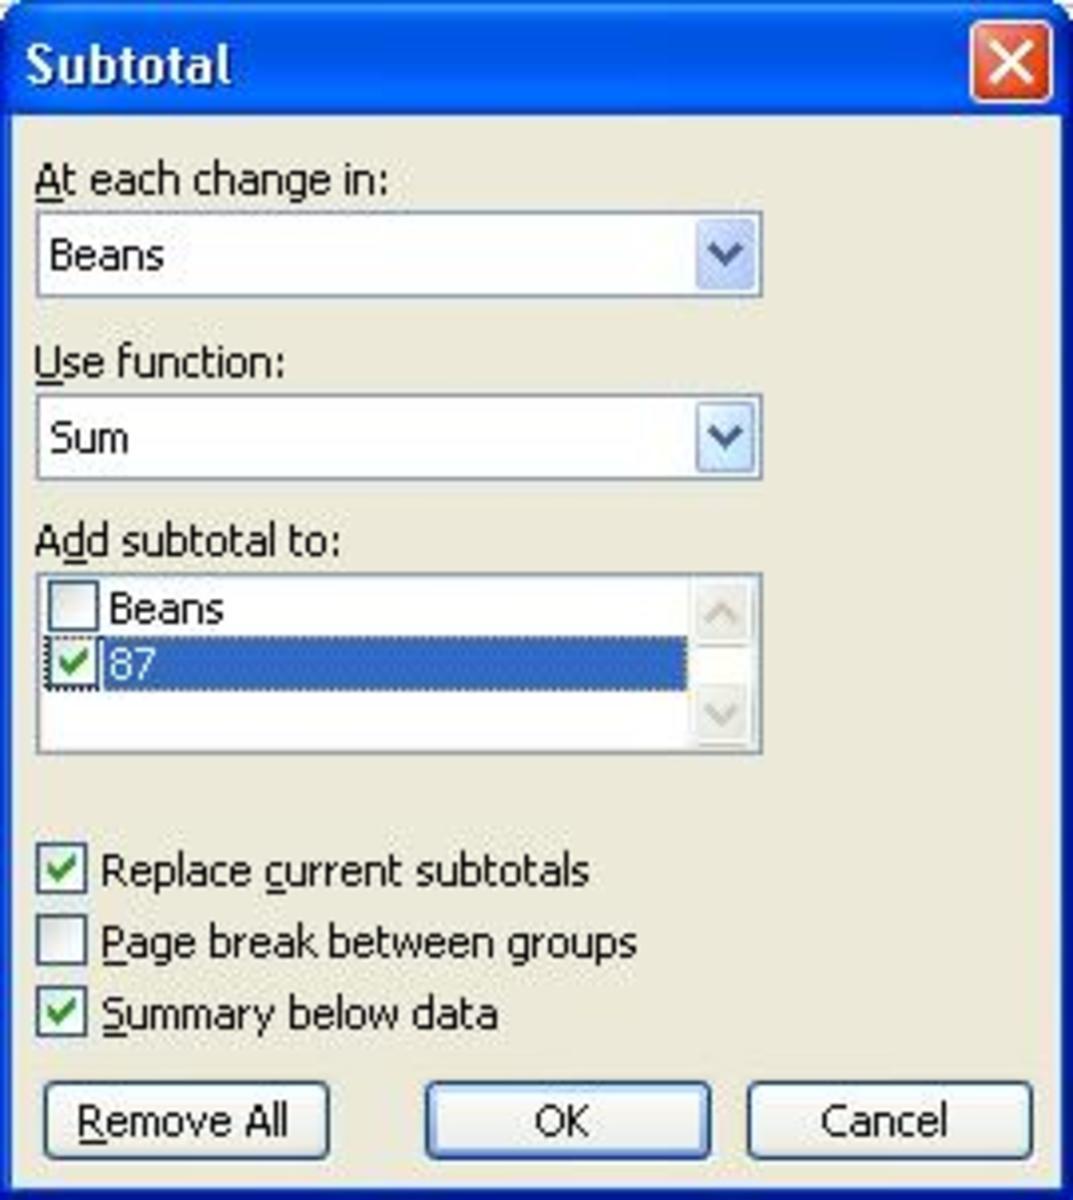 Subtotal option